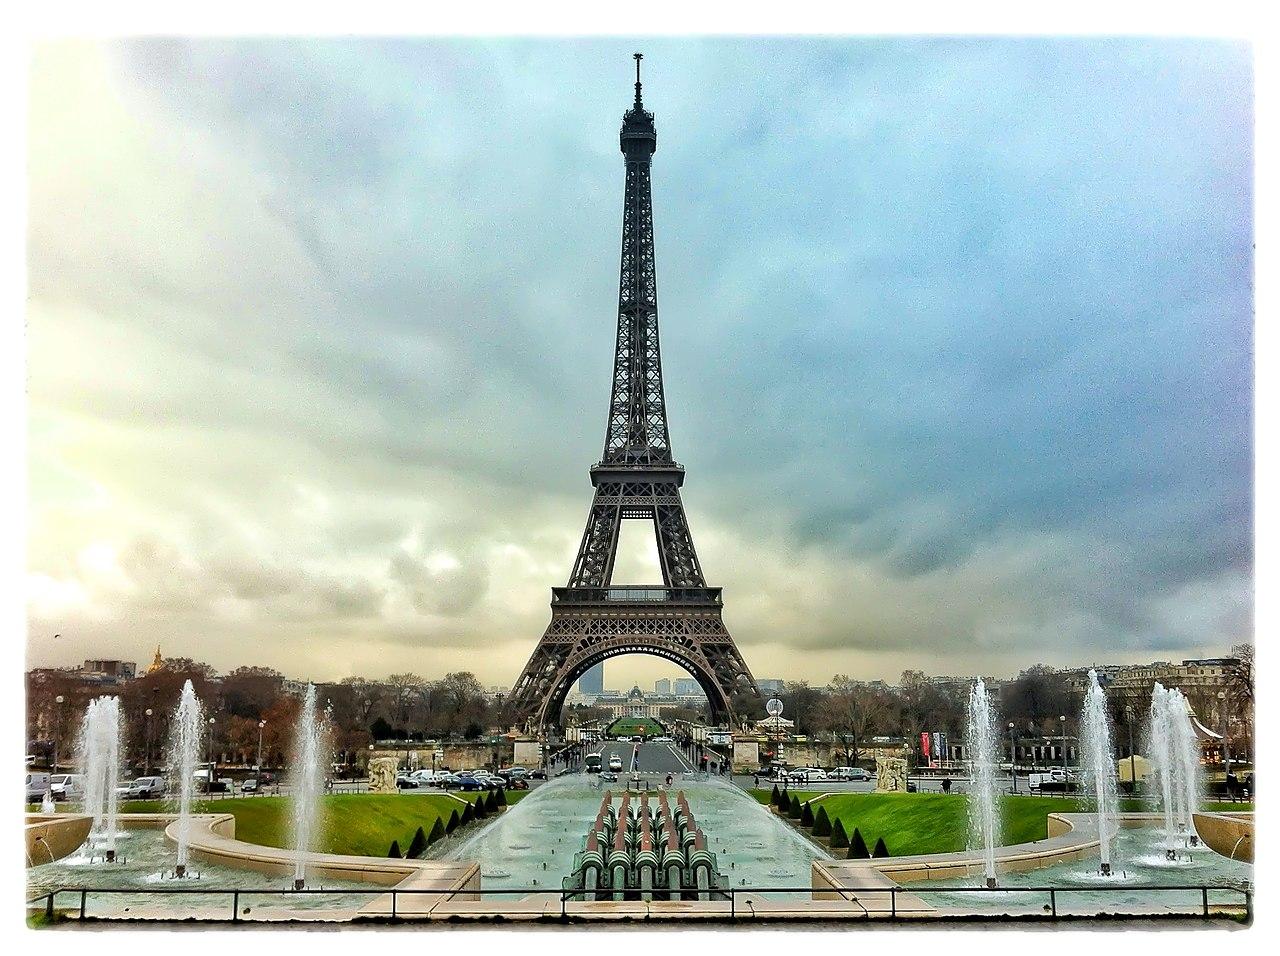 File:Tour Eiffel - 25 Janvier 2012 - Paris, FRANCE.JPG ...